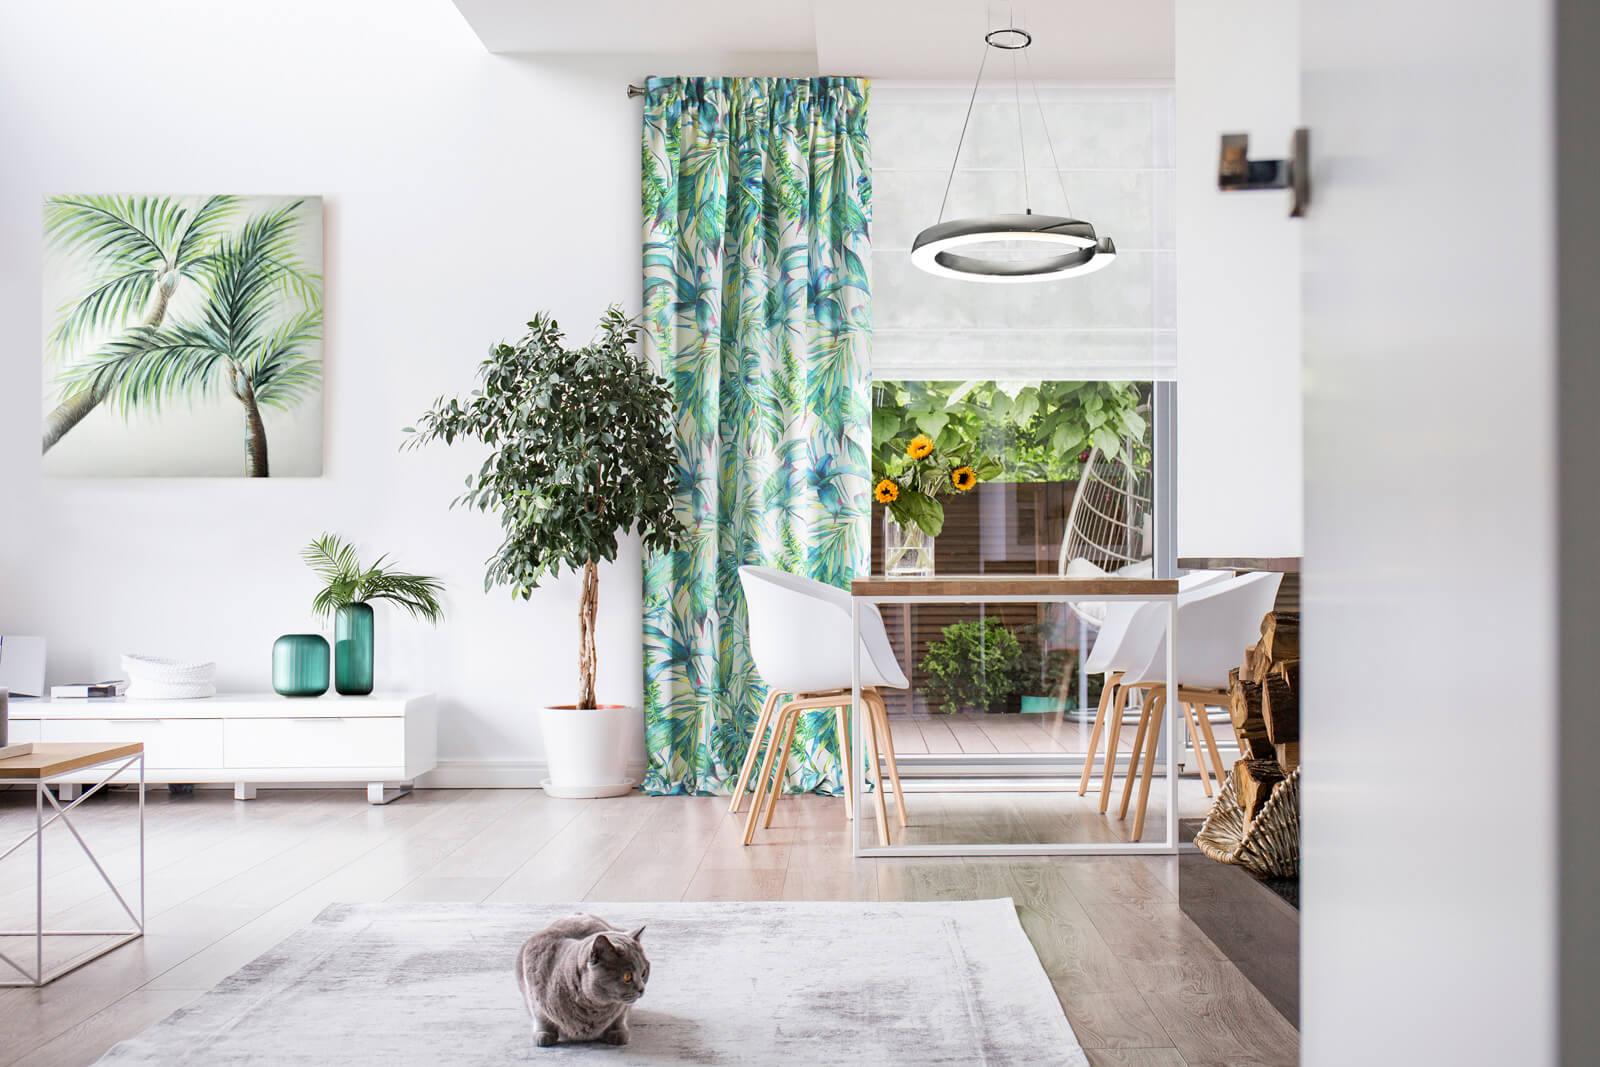 Niech się zazieleni – wiosenna, gotowa aranżacja Twojego salonu. Dekoracje wiosenne w Twoim domu.